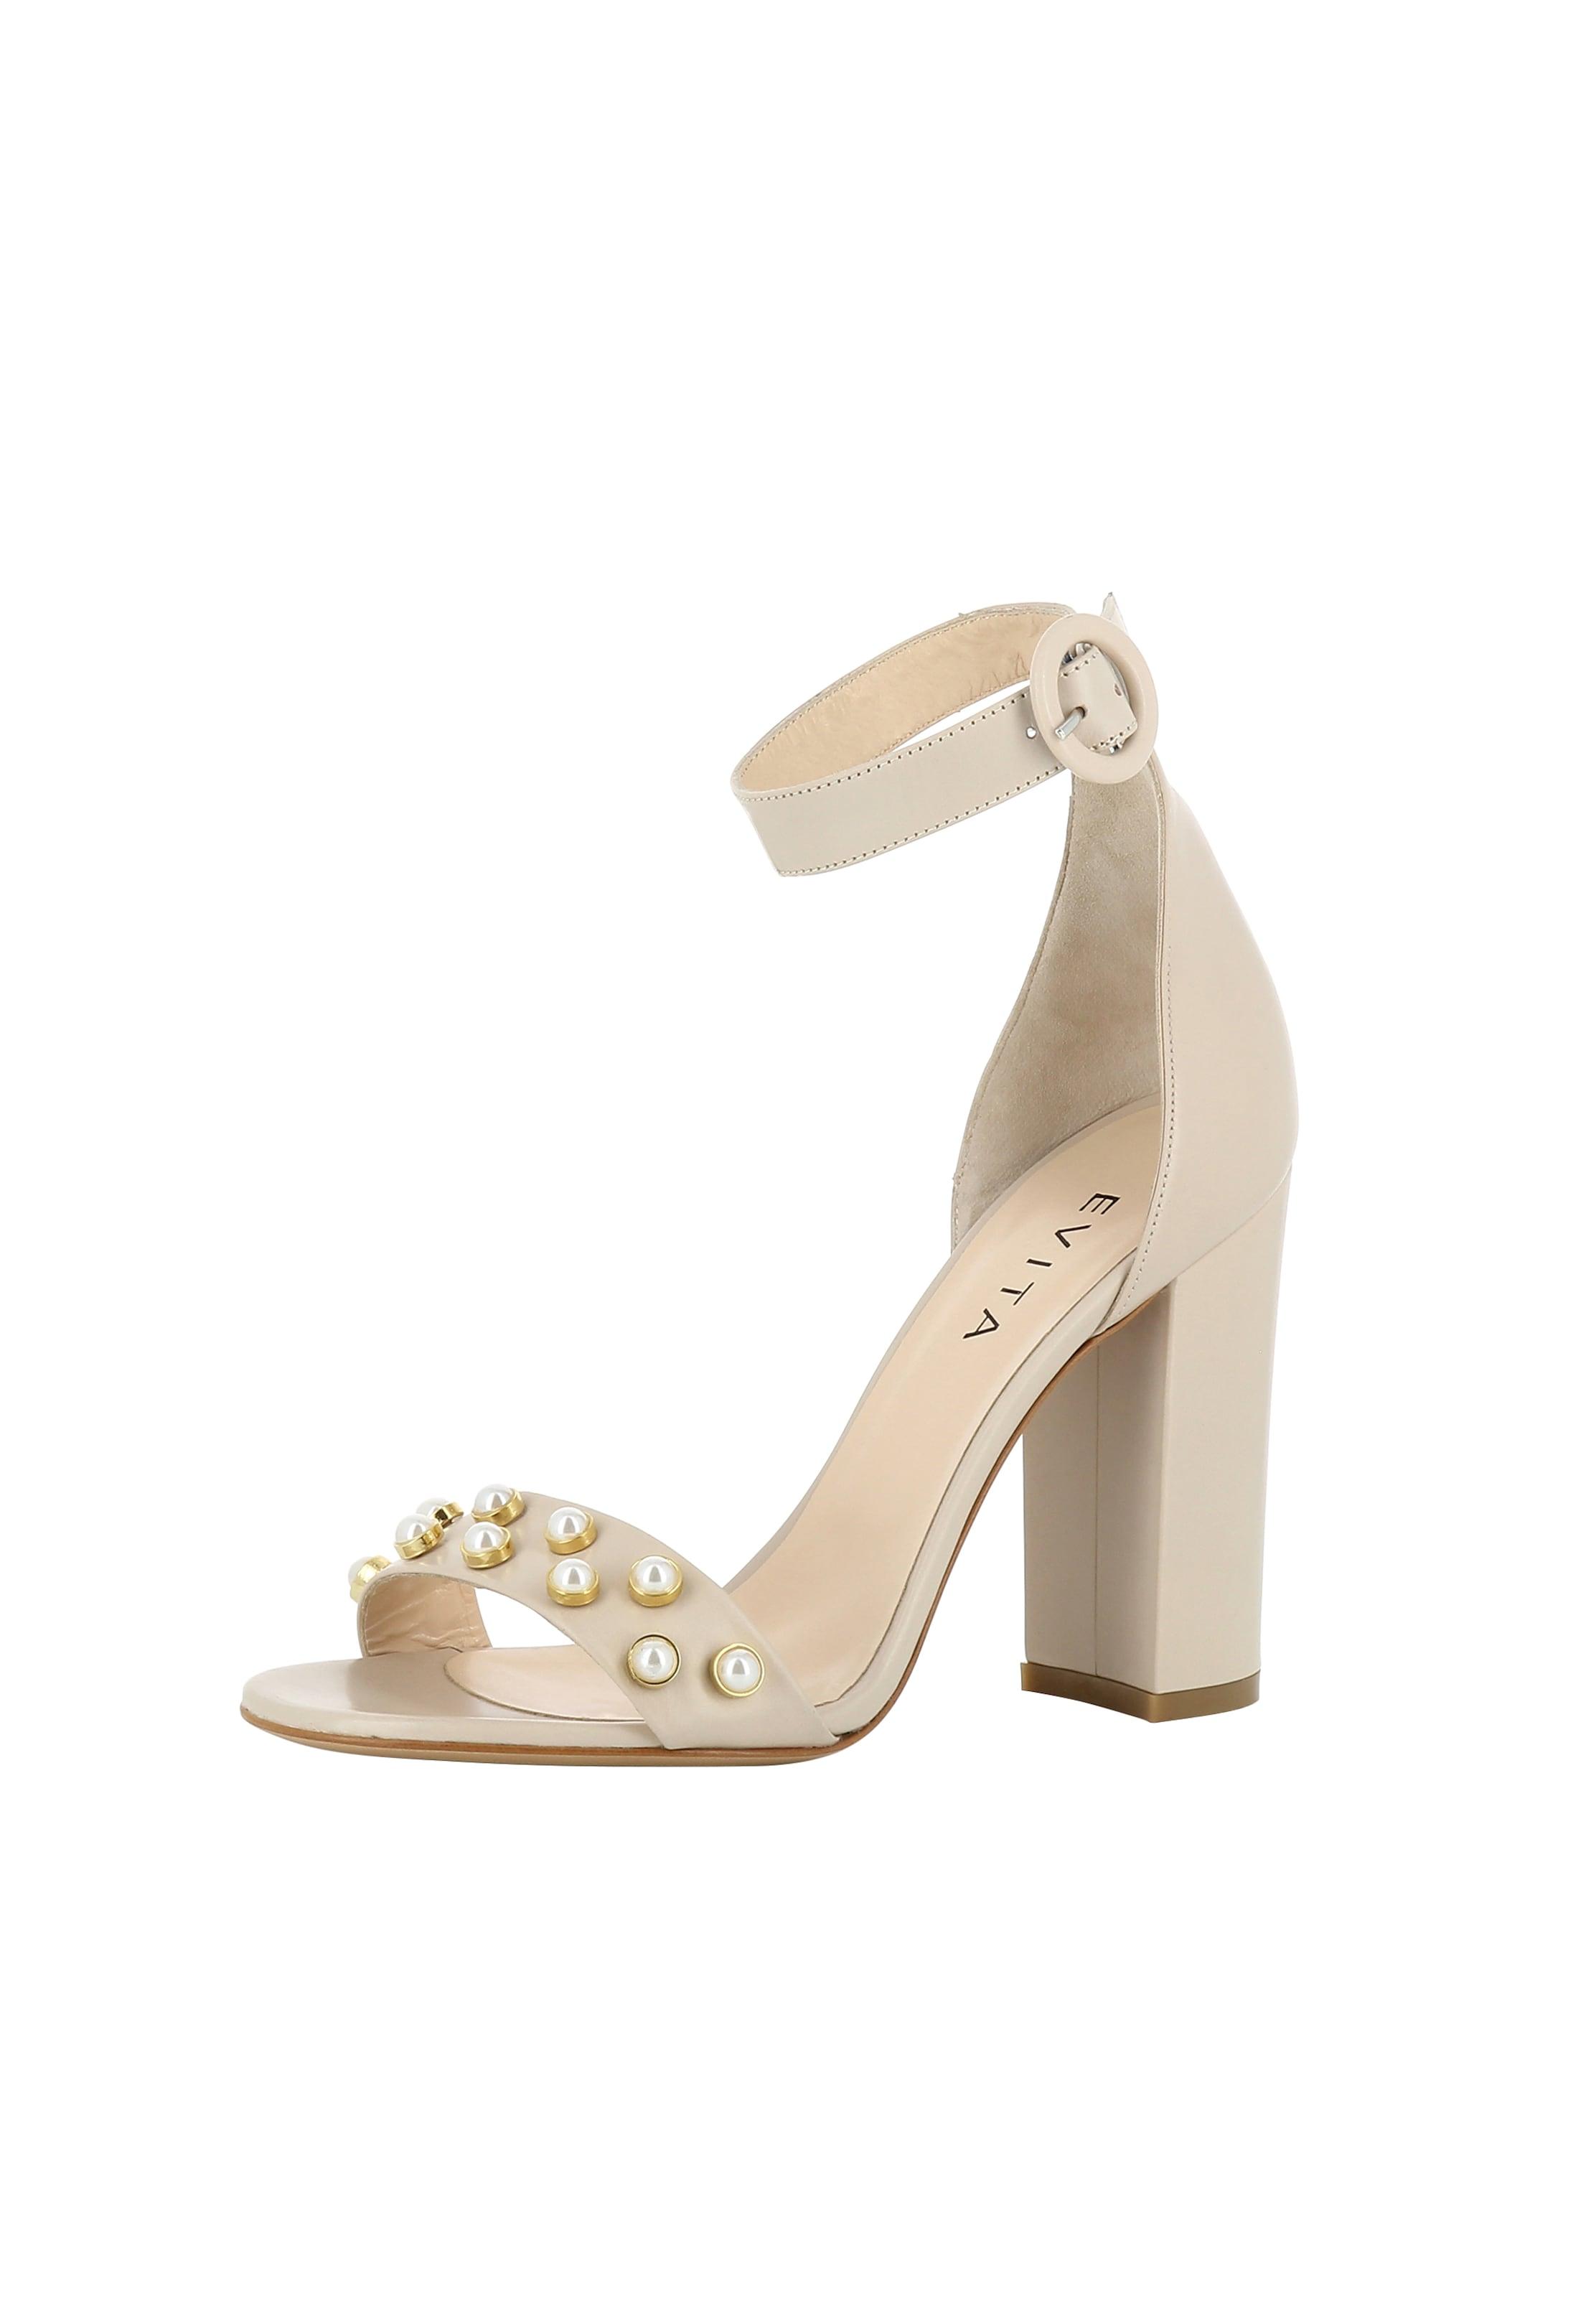 EVITA Sandalette EVA Günstige und langlebige Schuhe